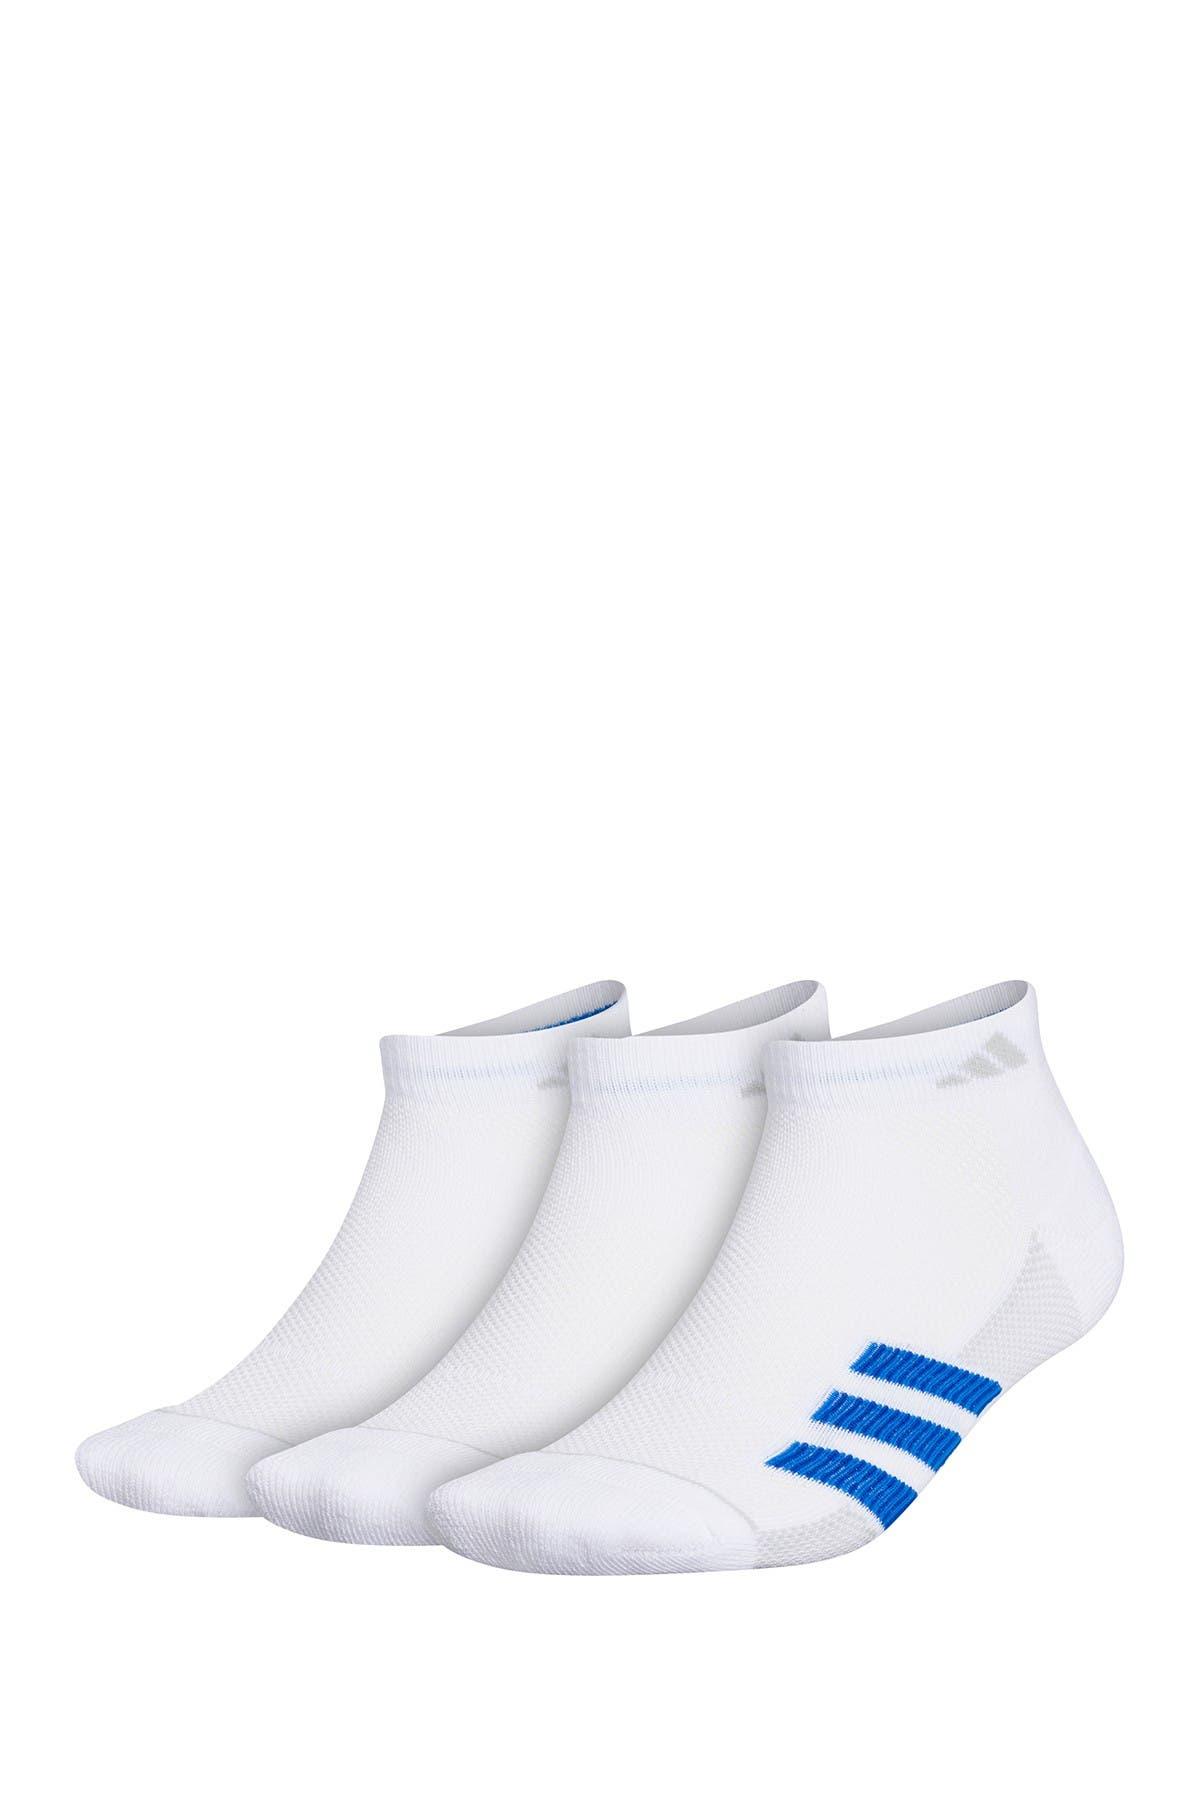 Image of adidas Superlite Low Cut Stripe Socks - Pack of 3